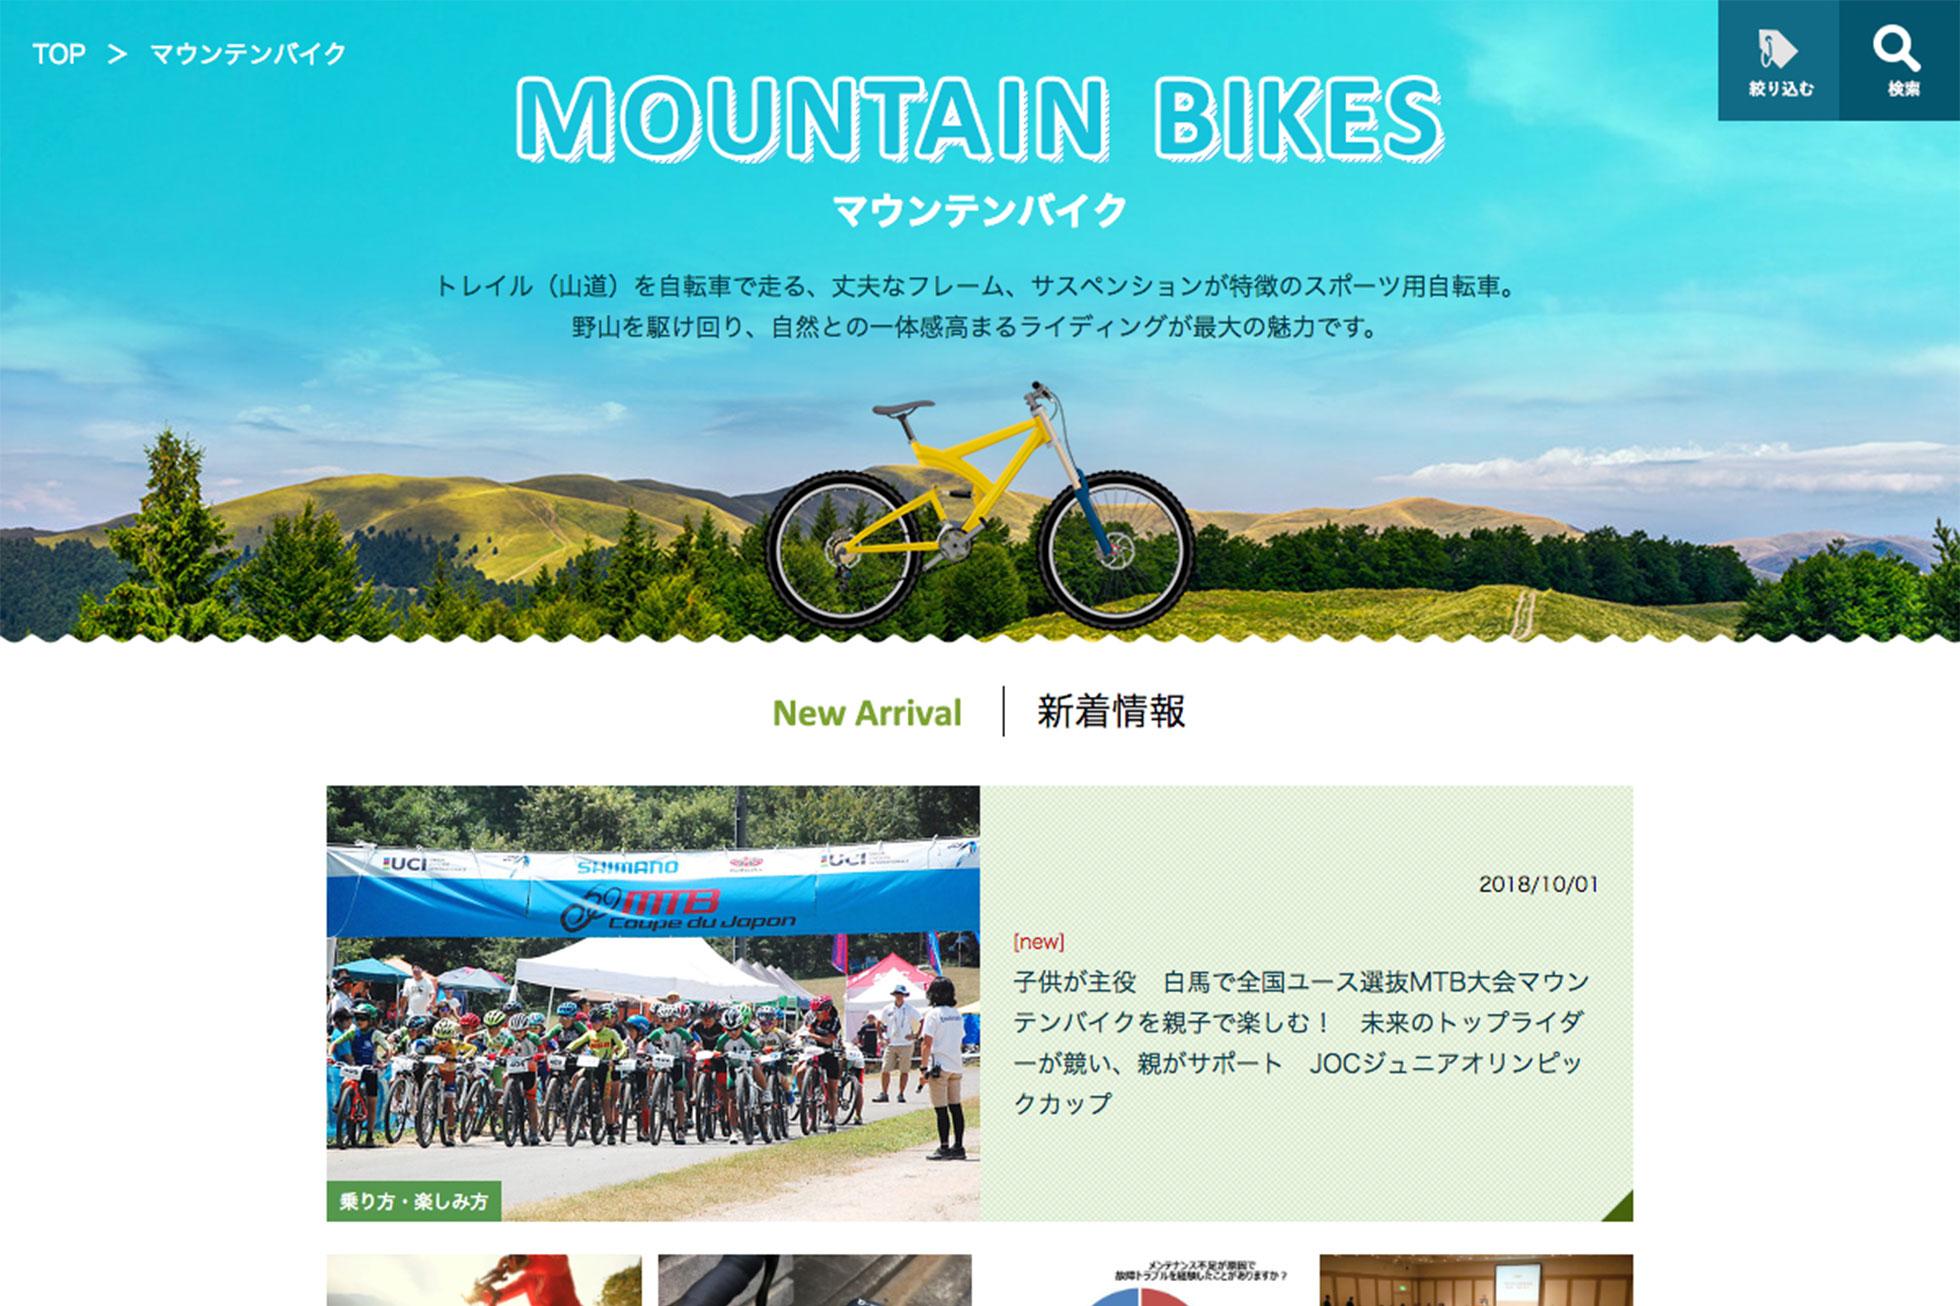 自転車協会の開設したマウンテンバイクの総合ウェブサイト